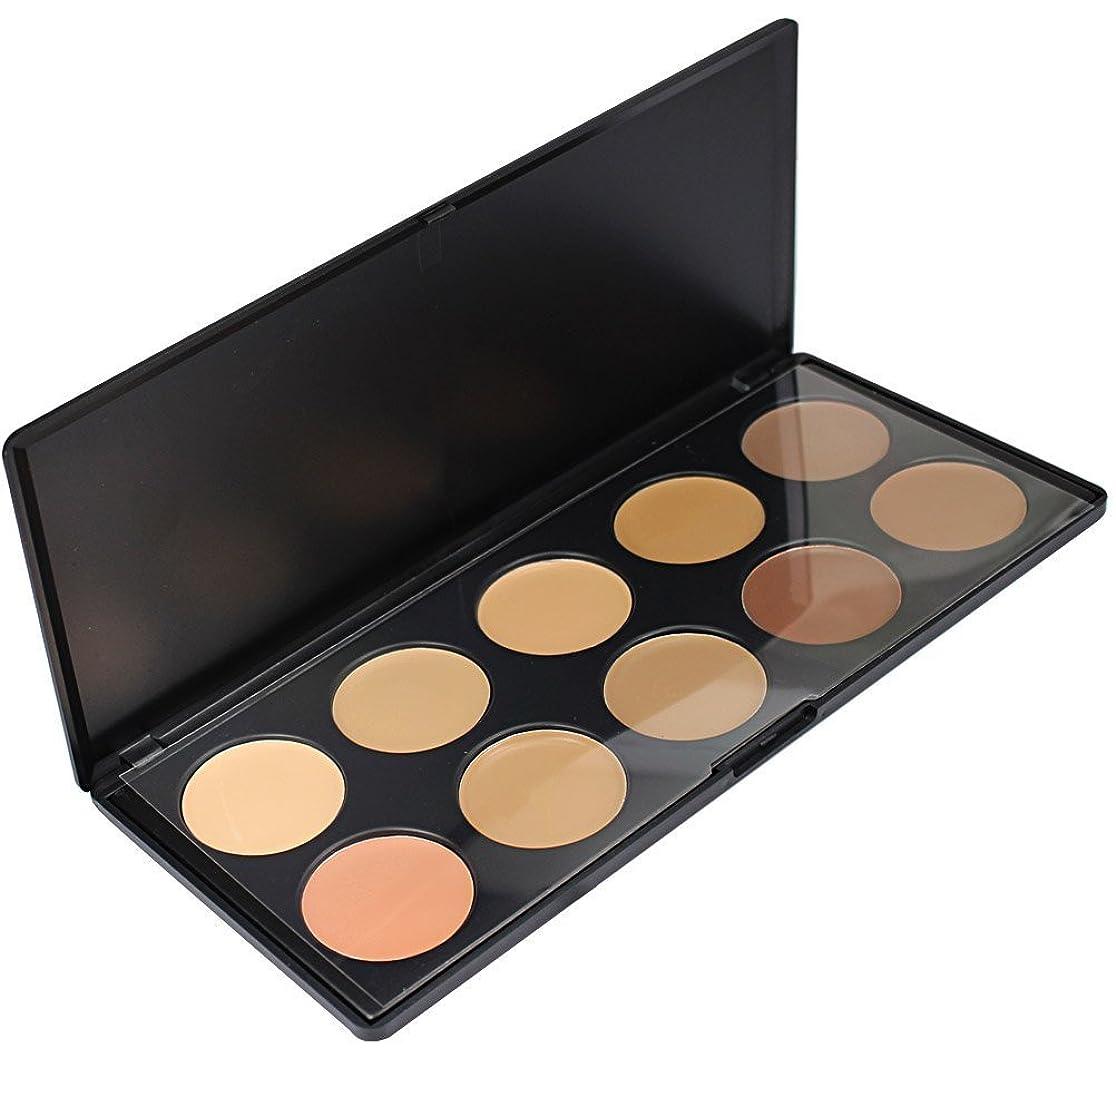 弁護士魅力弾性メイクアップエーシーシー (MakeupAcc) 10色コンシーラーパレット アイシャドウパレット メイクアップセット [並行輸入品]